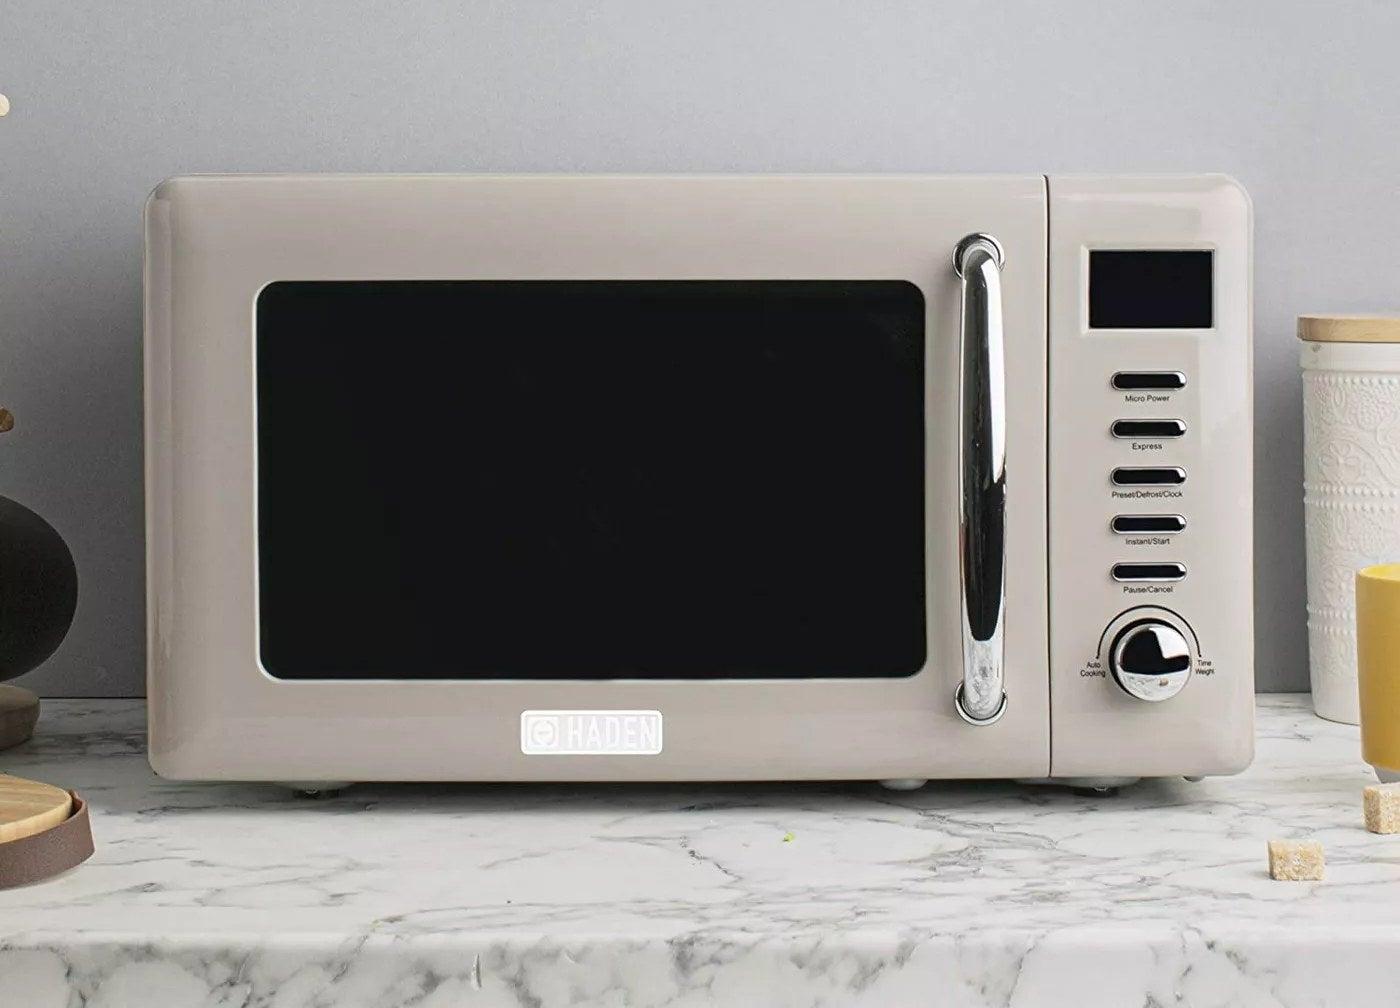 The beige, Haden microwave